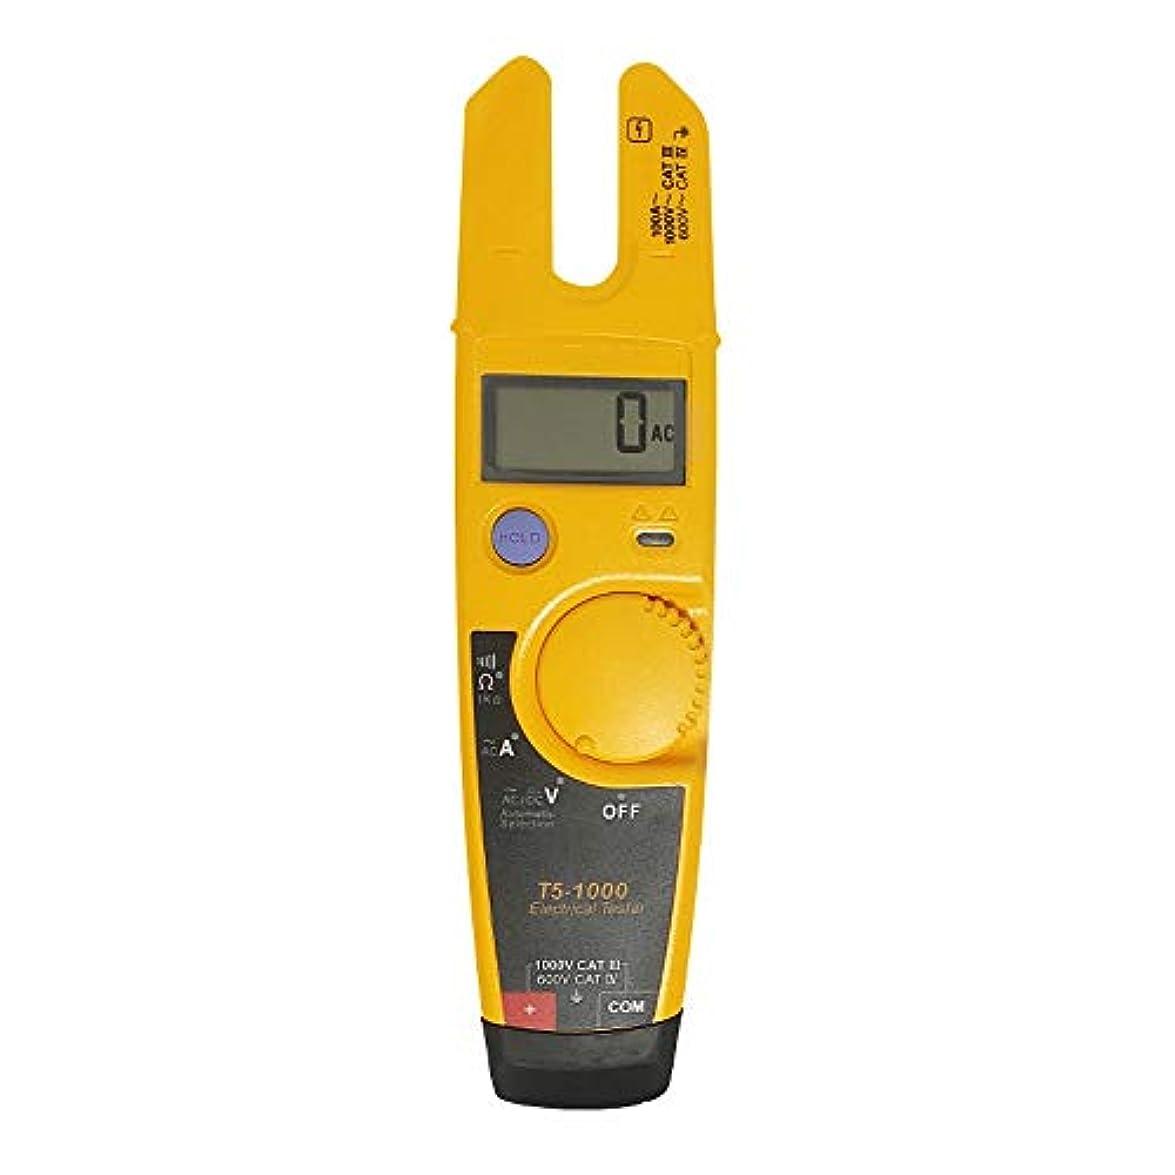 歌手成功アイドルJPLJJ Labloot ソフトケース付き T5-600 クランプメーター 電圧 連続電流 クランプメーター